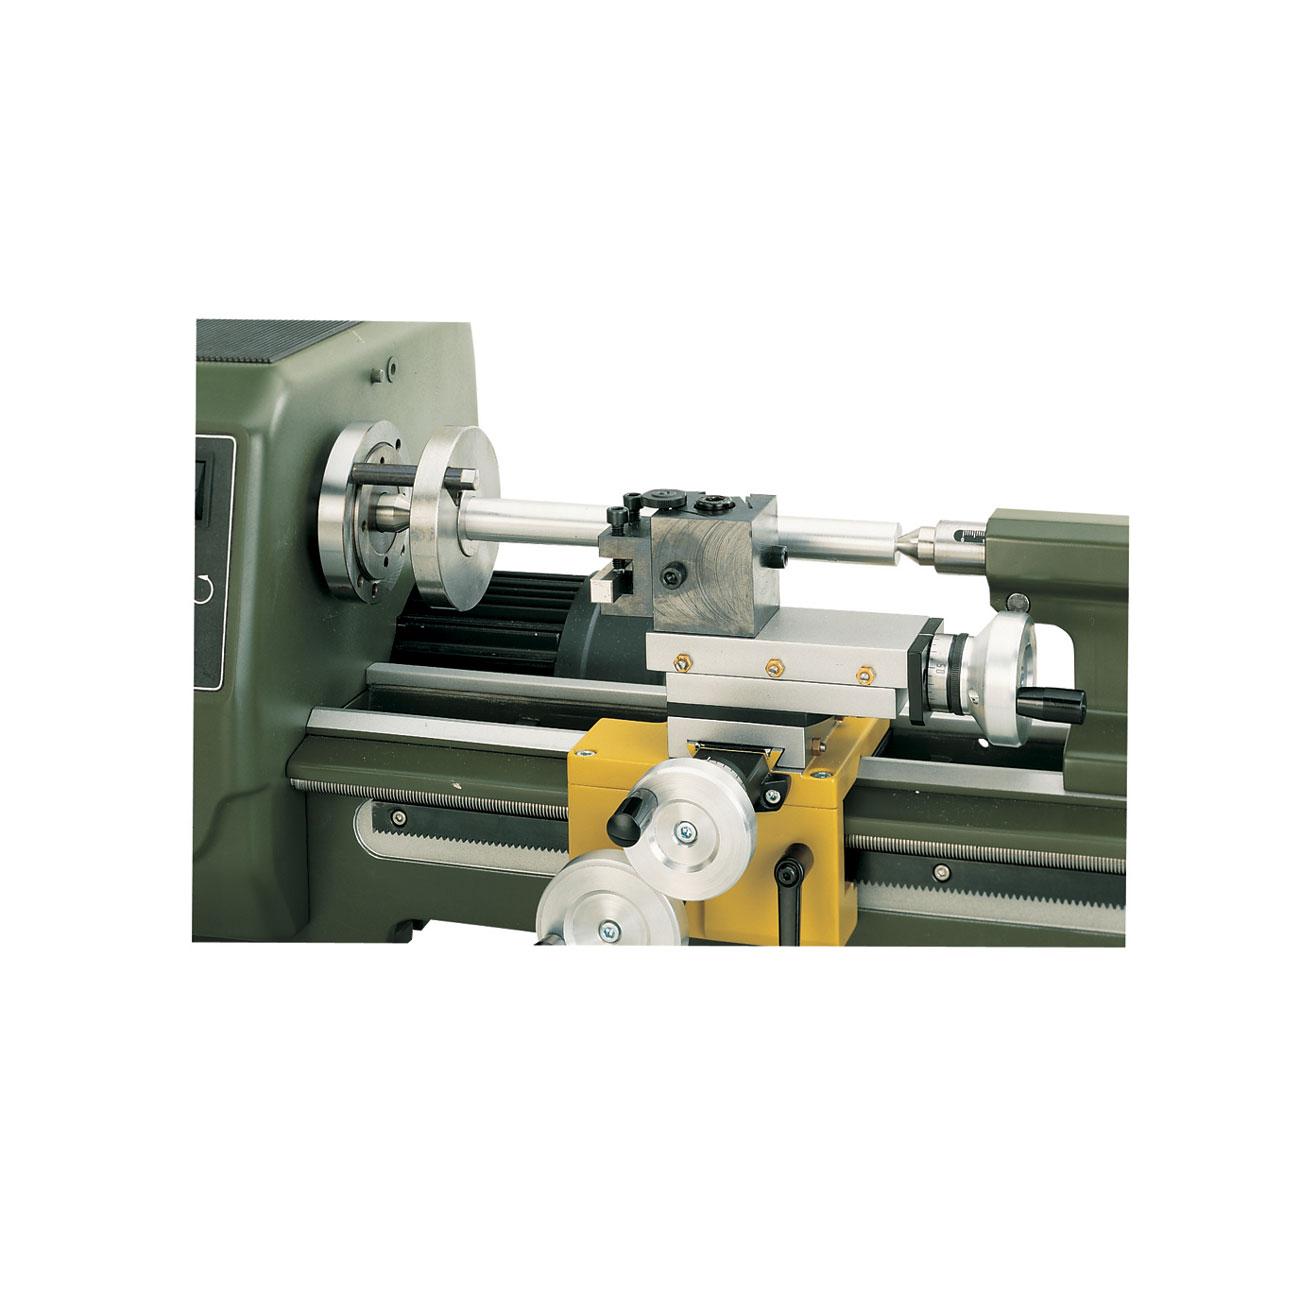 attrezzatura per punte proxxon 24414 per tornio pd 400 ebay